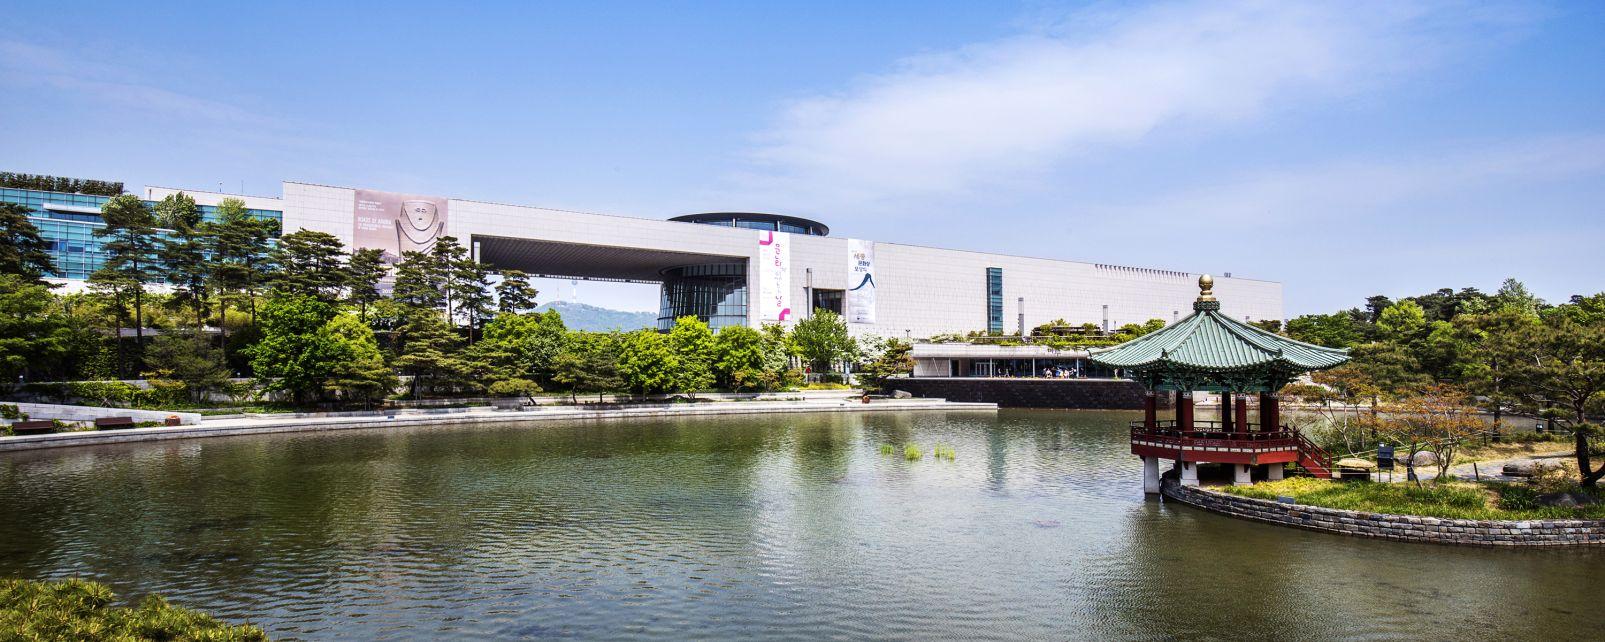 Les musées, asie, corée, culture, musée, national